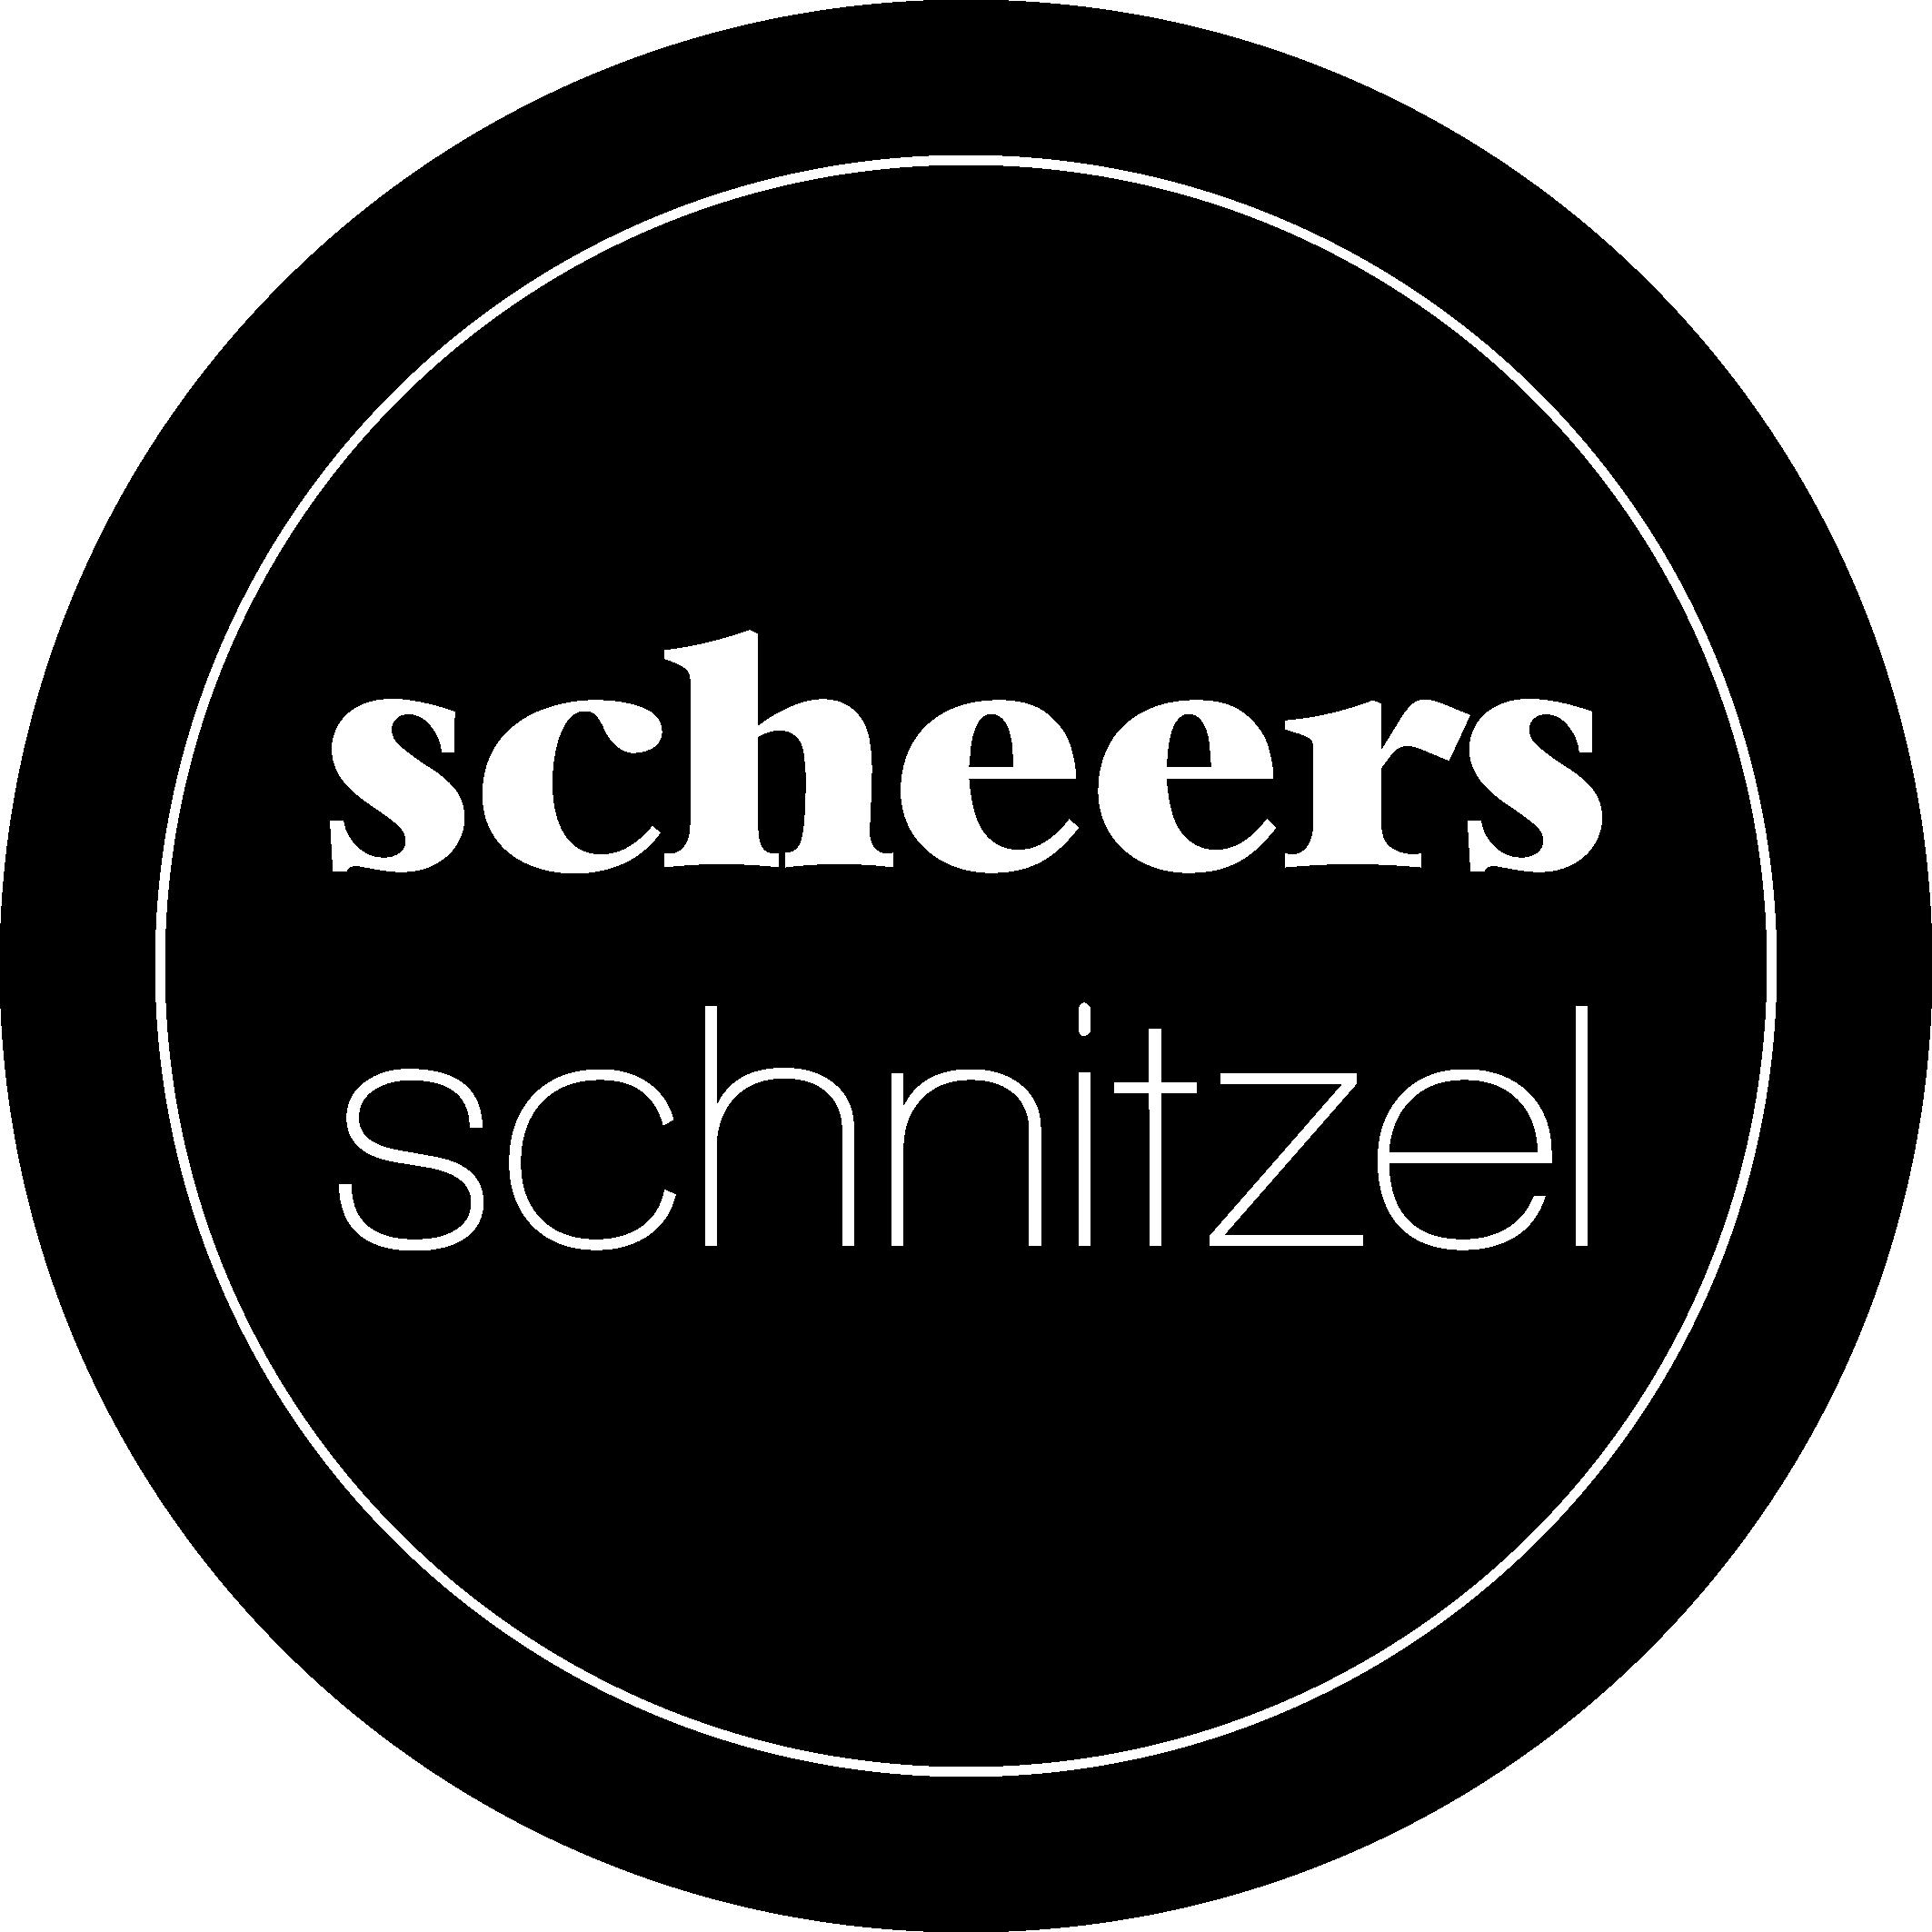 Scheers Schnitzel